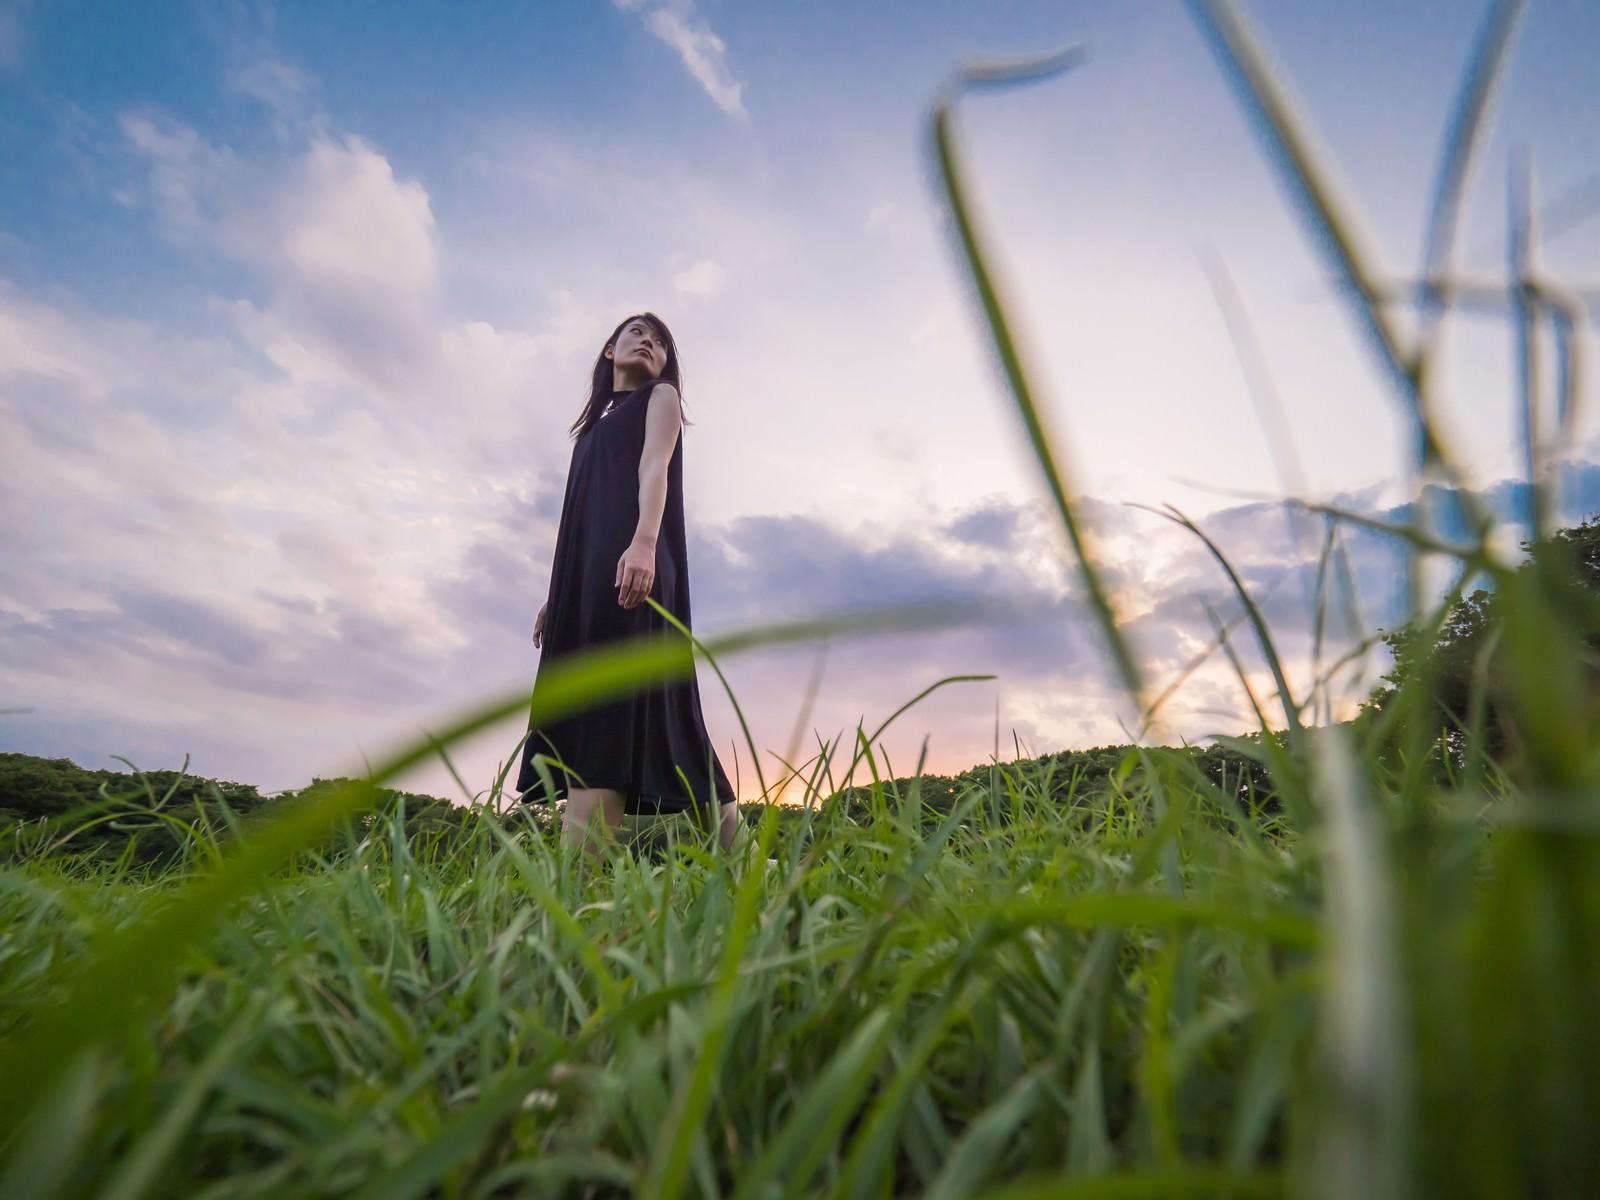 「公園を彷徨く黒いワンピースのおねえさん公園を彷徨く黒いワンピースのおねえさん」[モデル:たけべともこ]のフリー写真素材を拡大